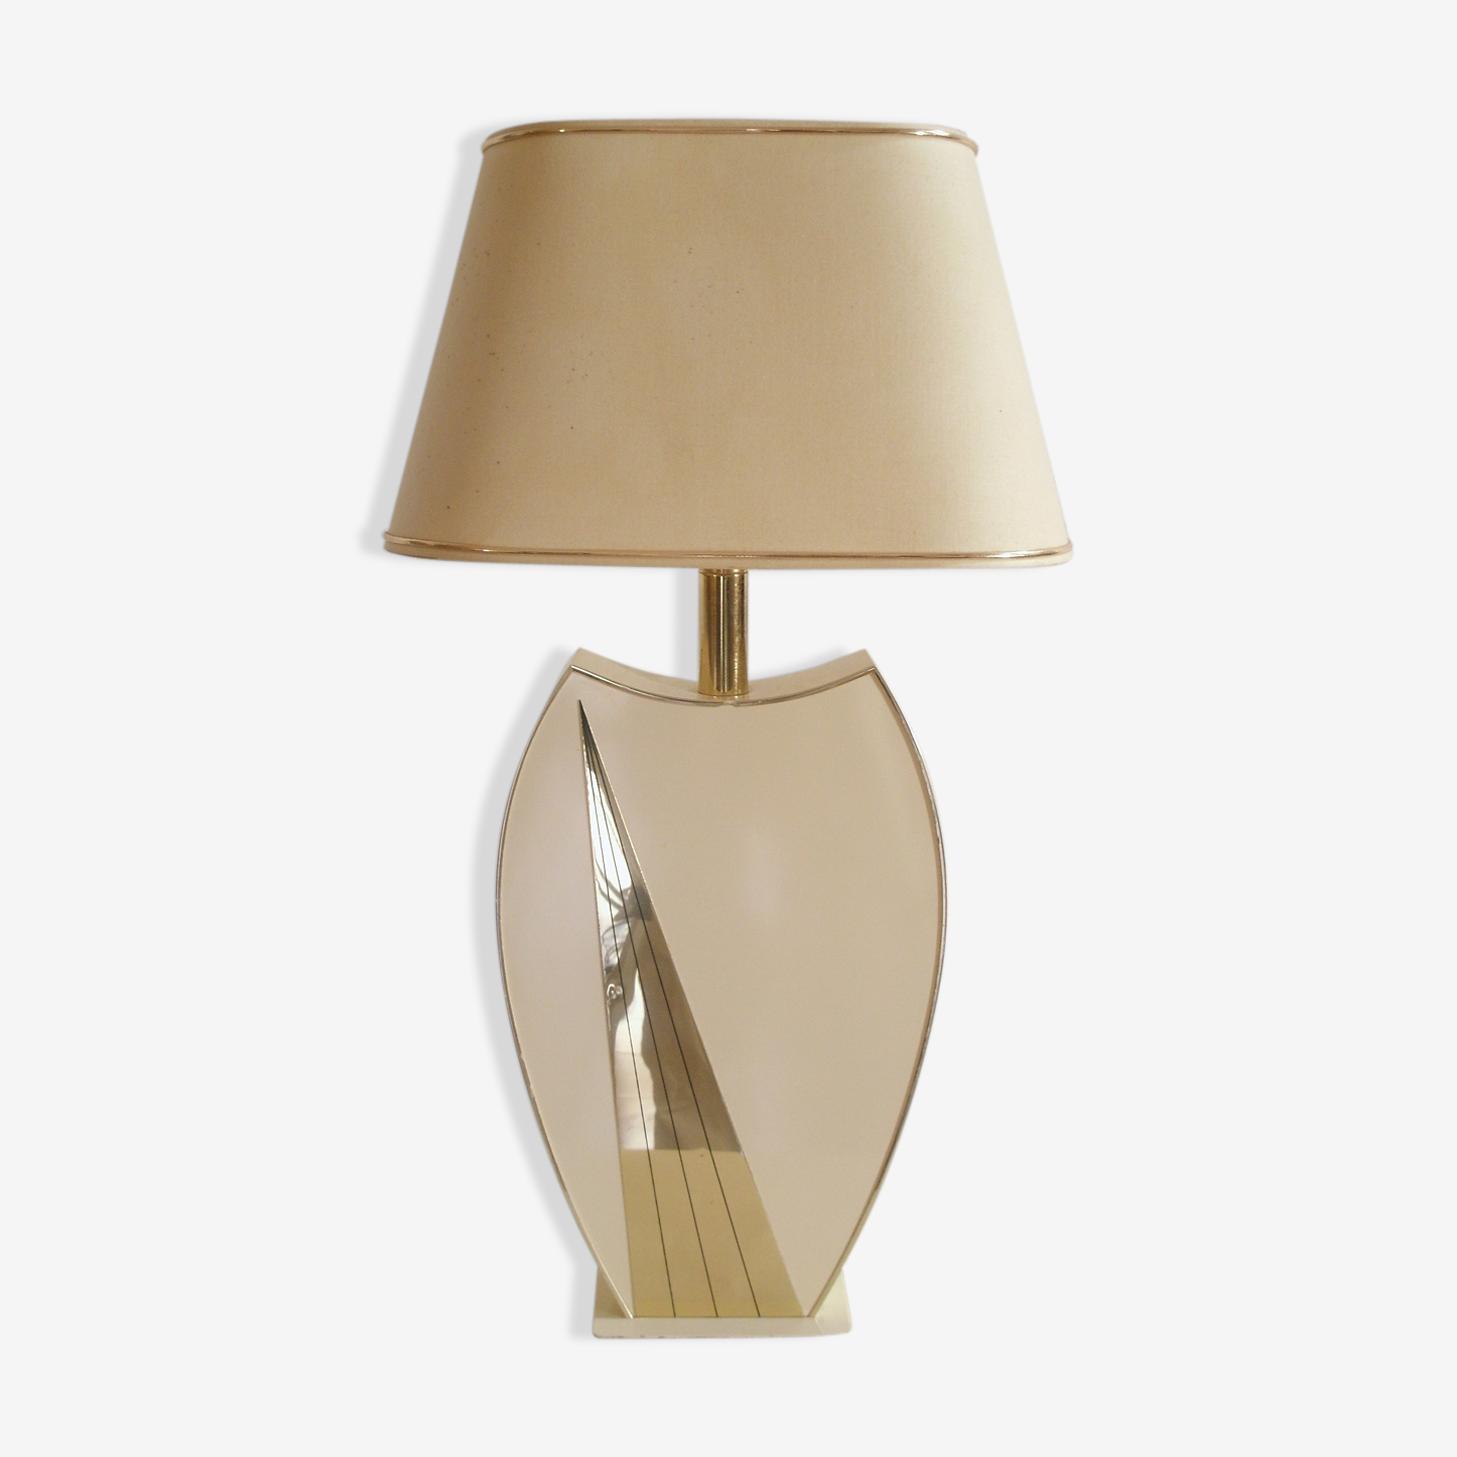 Lampe de créateur en Rhodoïd thermoformé & laiton